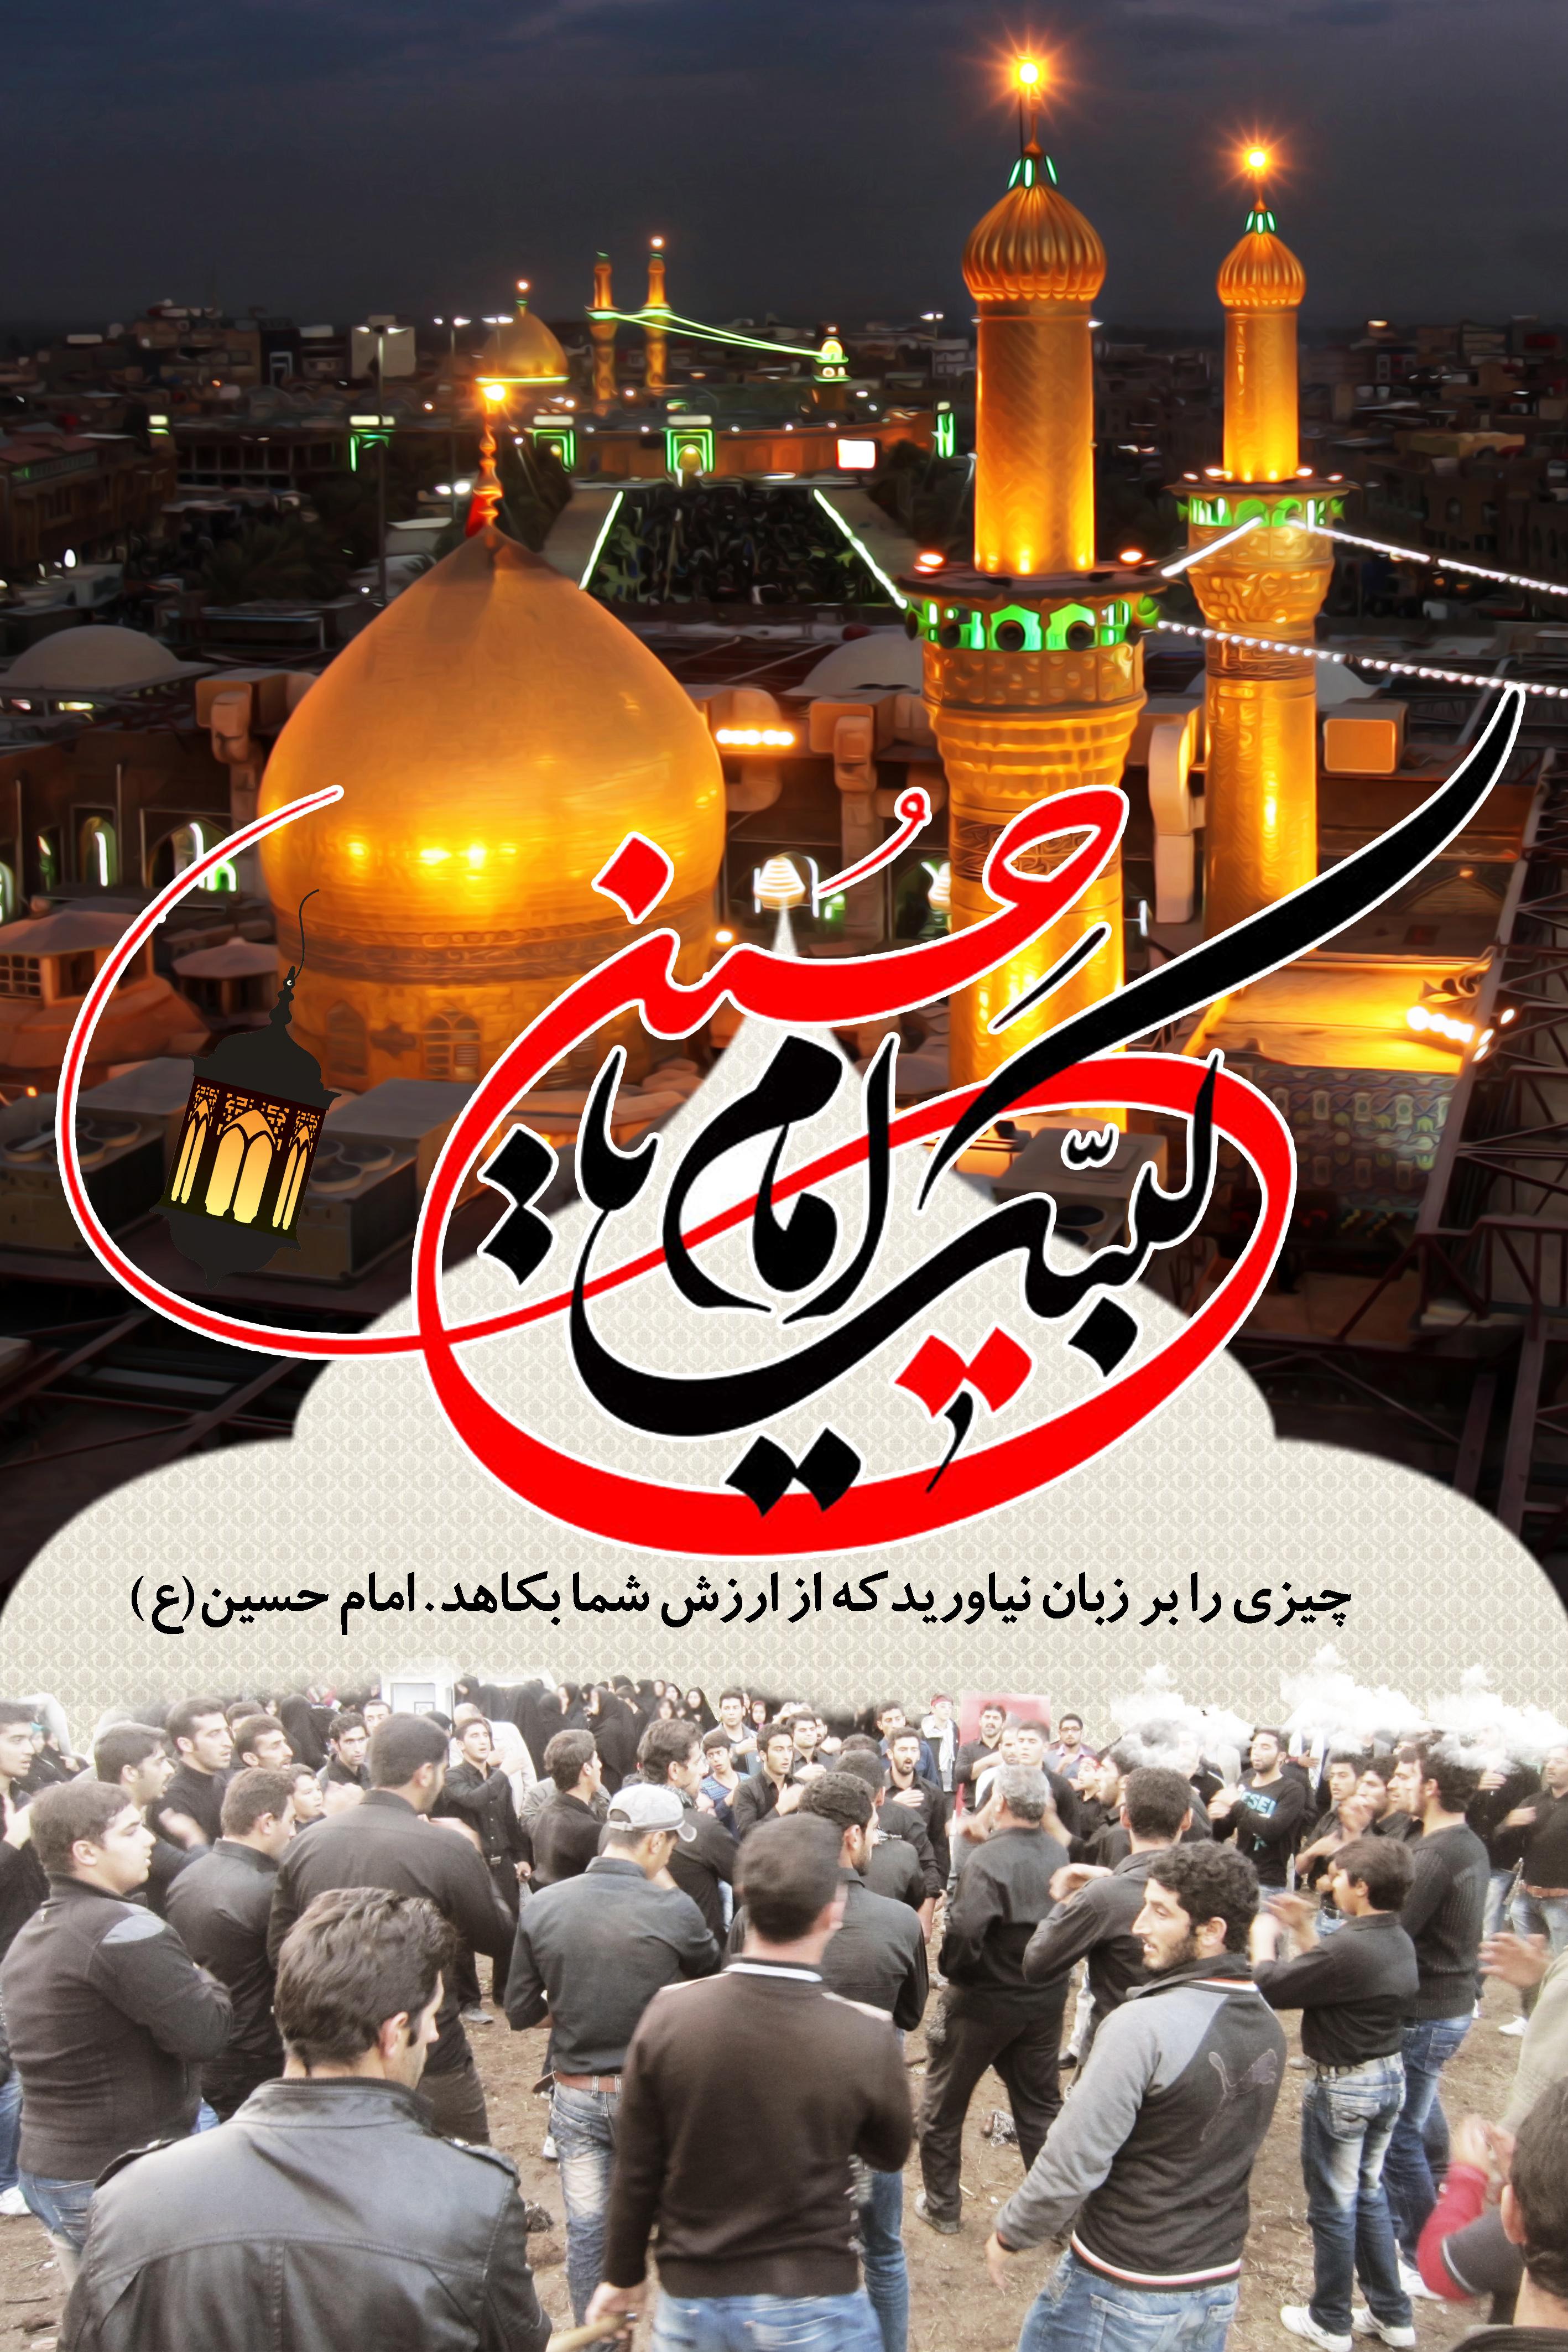 پوستر مسجد چهارده معصوم ویژه ی محرم